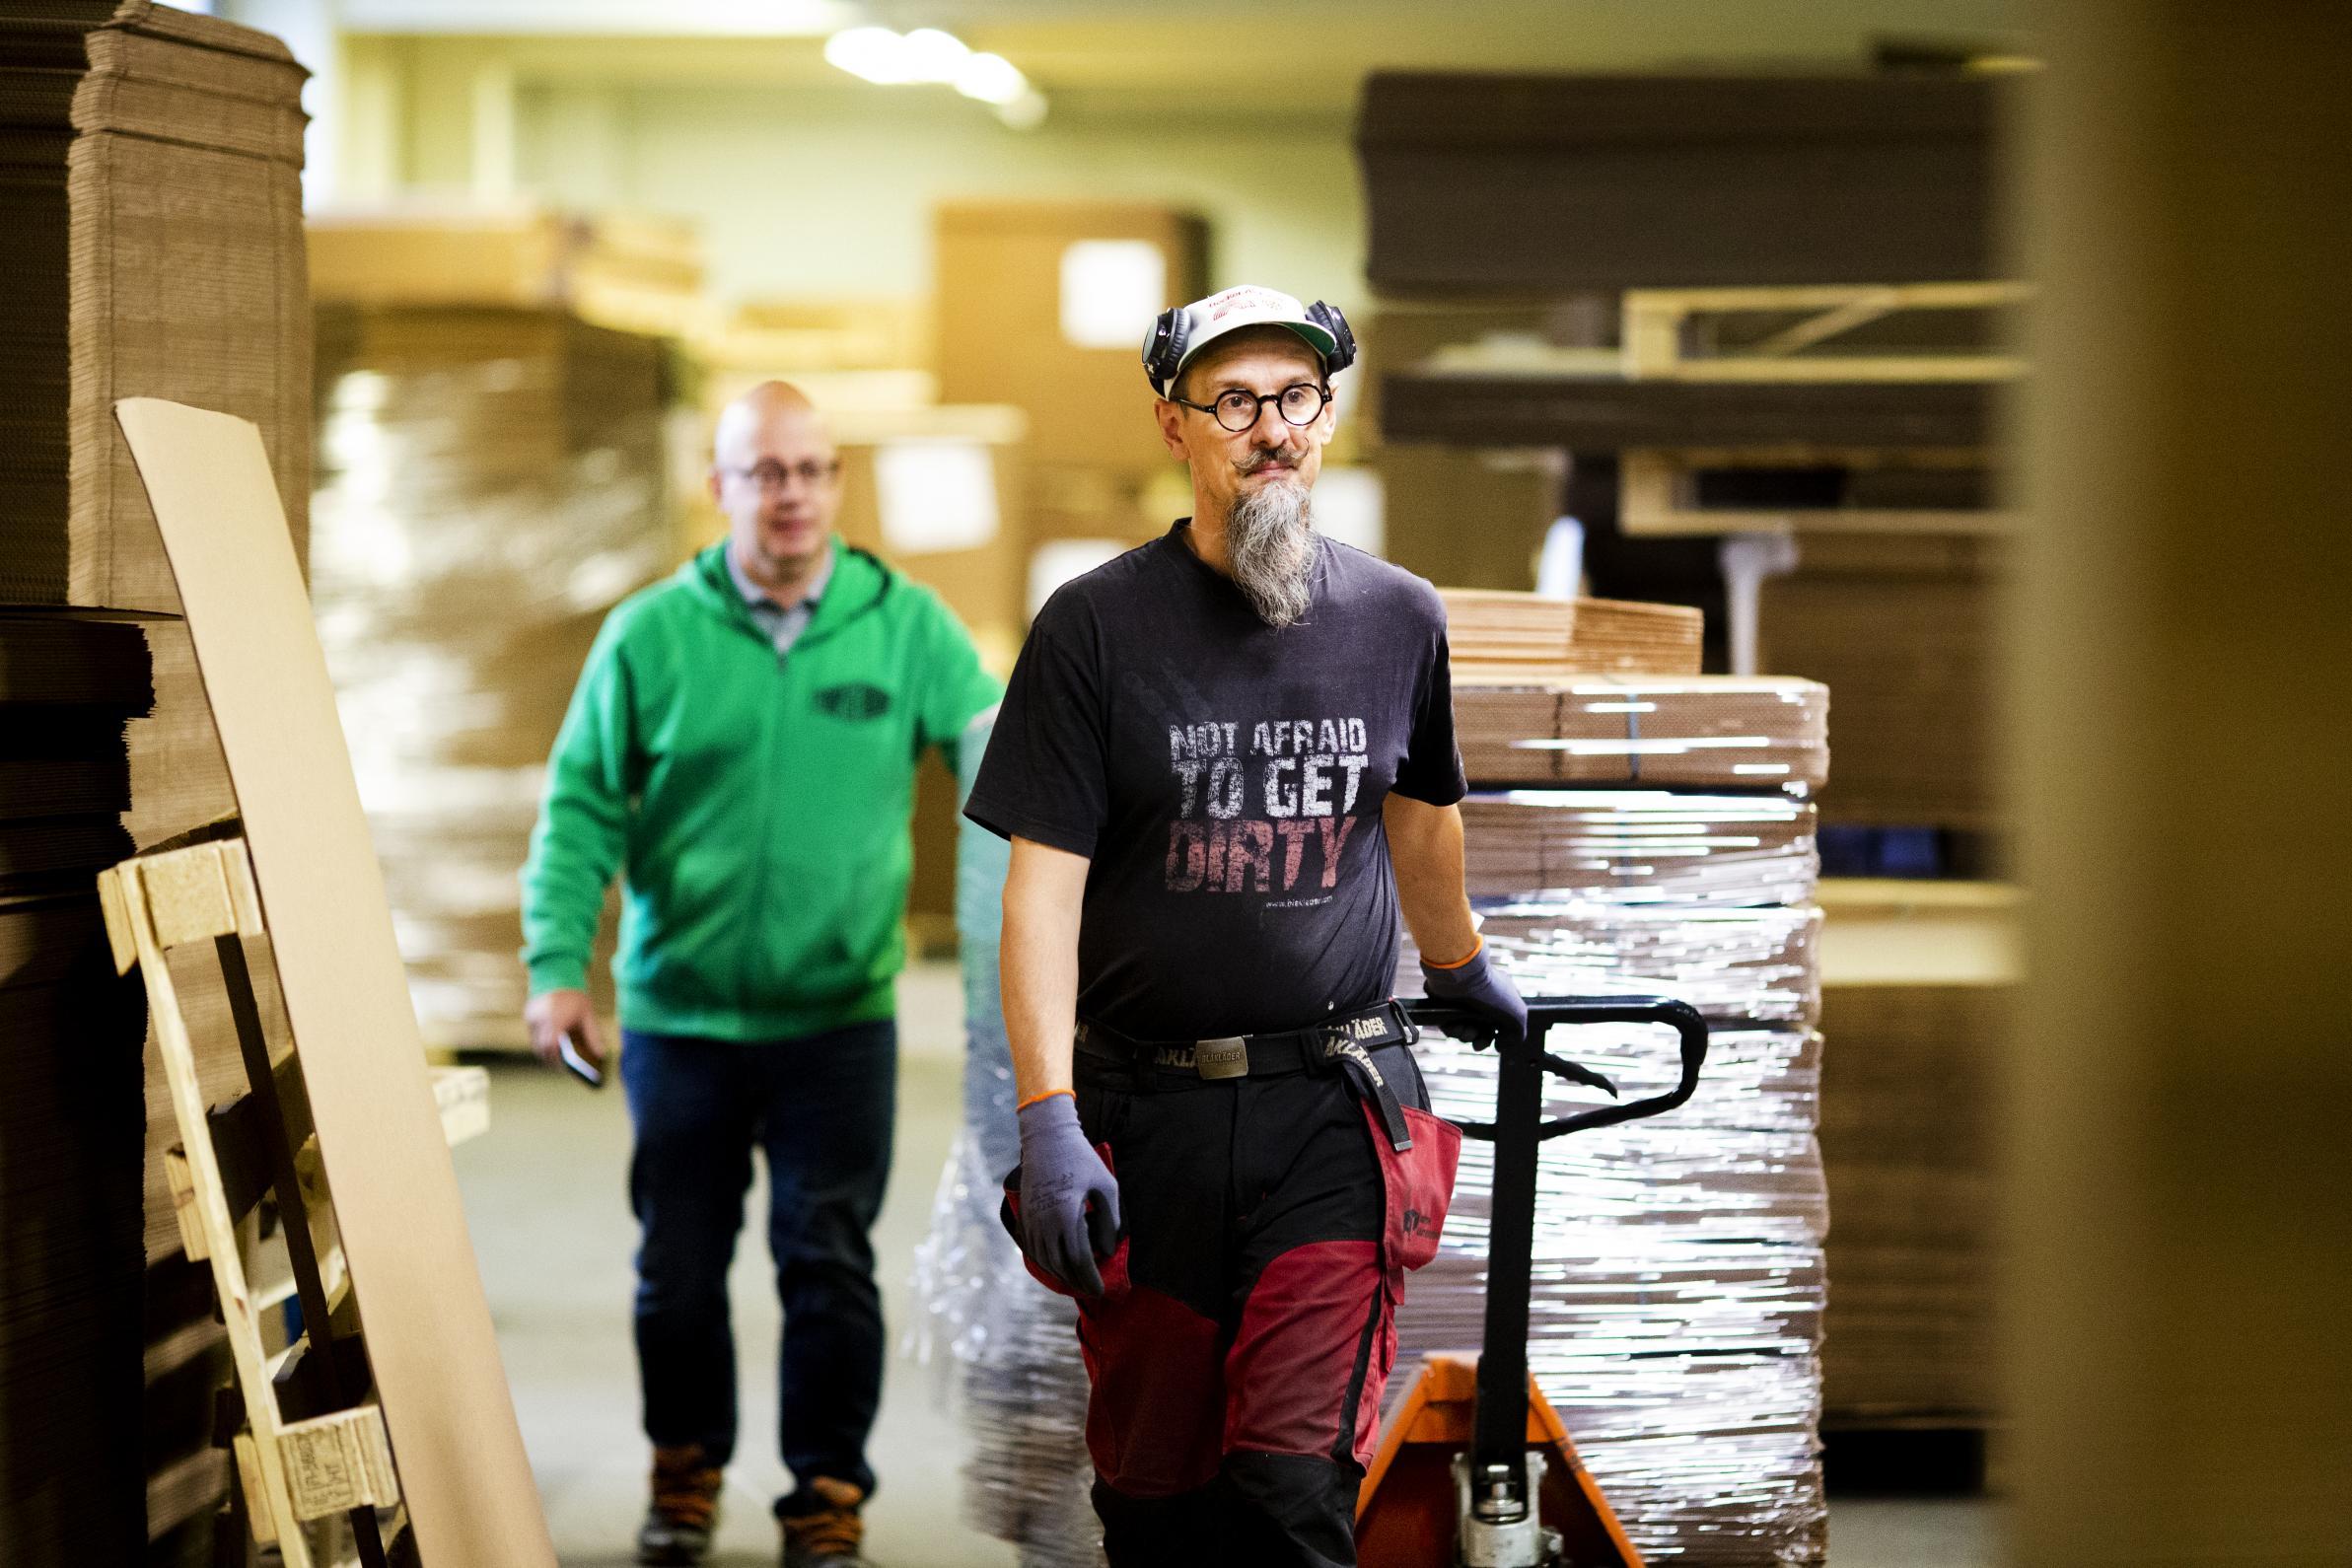 Lavaa siirtävä Markku Keltamäki tuli  laatikkotehtaalle työharjoittelun kautta. Isoveli Mika oli aloittanut työt samalla tehtaalla pari vuotta aiemmin. Perässä kävelee toimitusjohtaja Kari Autio, joka välillä tuuraa tuotannossa.